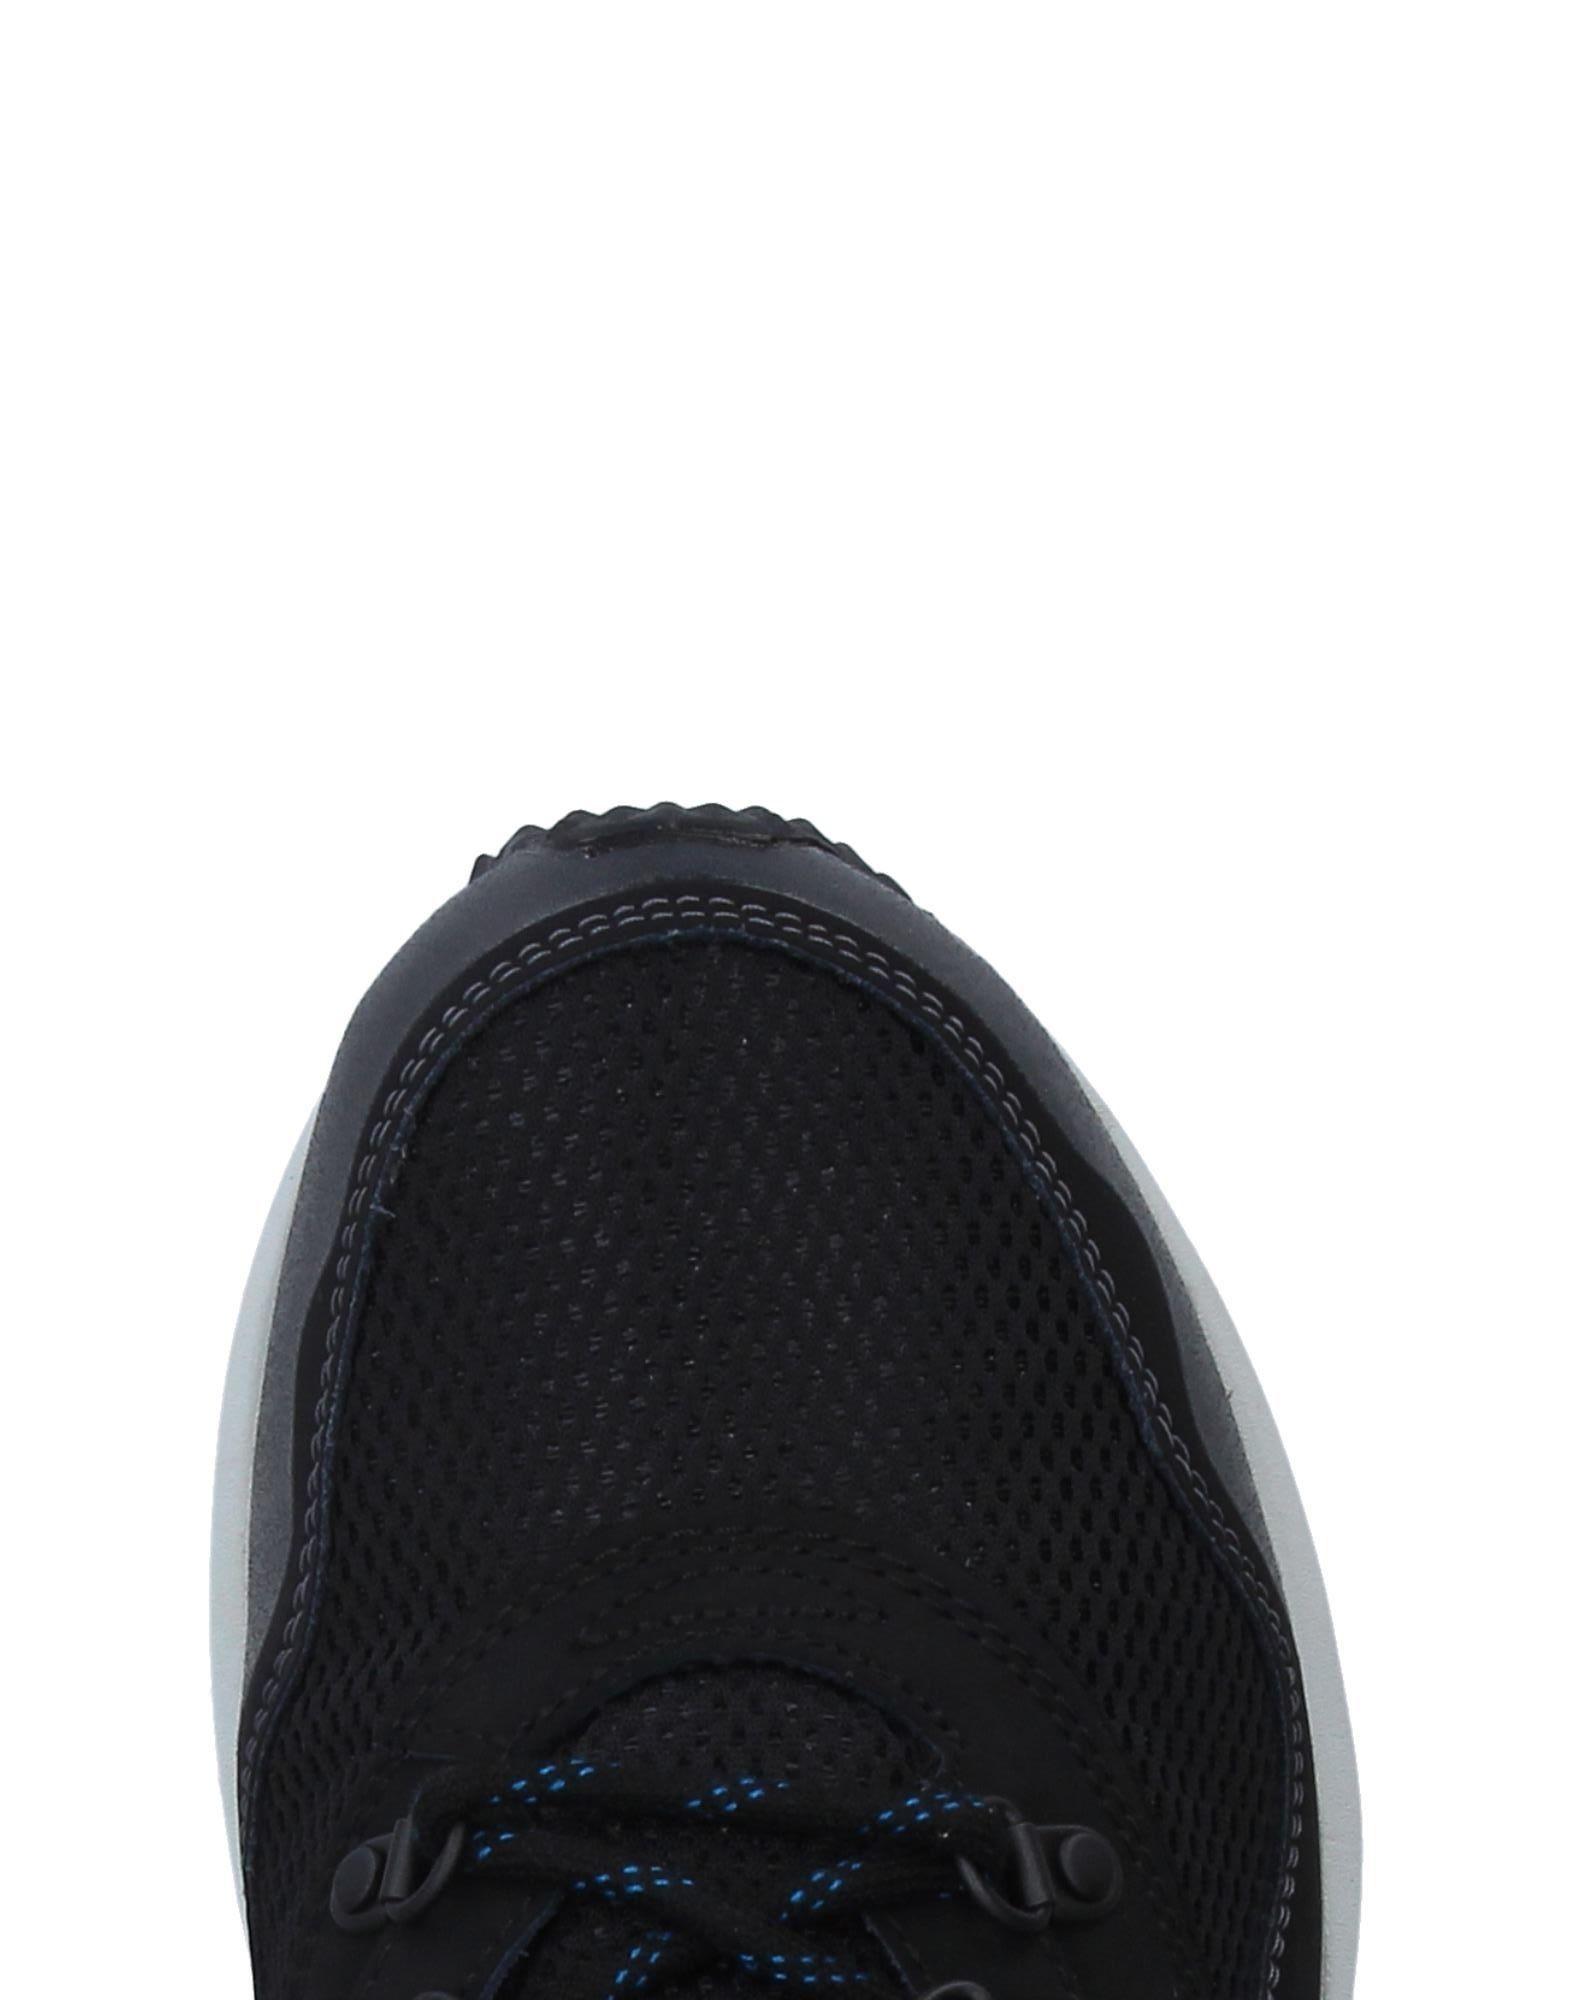 11325217LH Merrell Sneakers Herren  11325217LH  35ea55